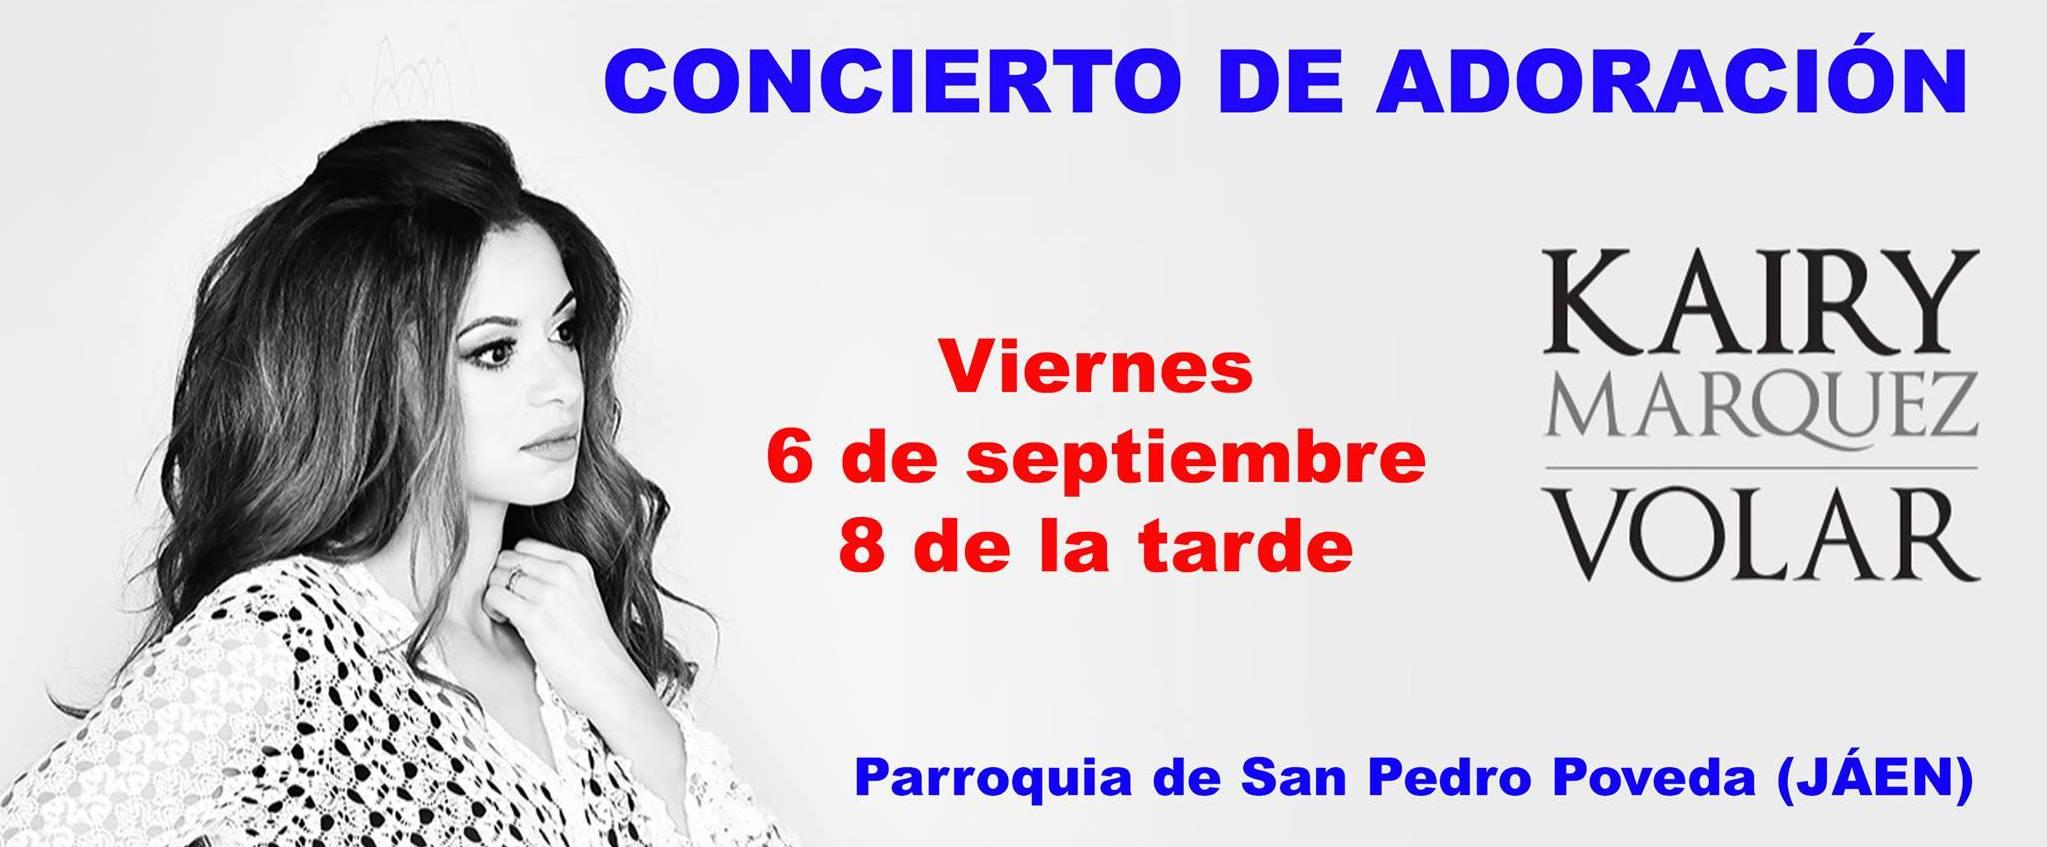 6 de septiembre: Concierto de adoración por Kairy Márquez